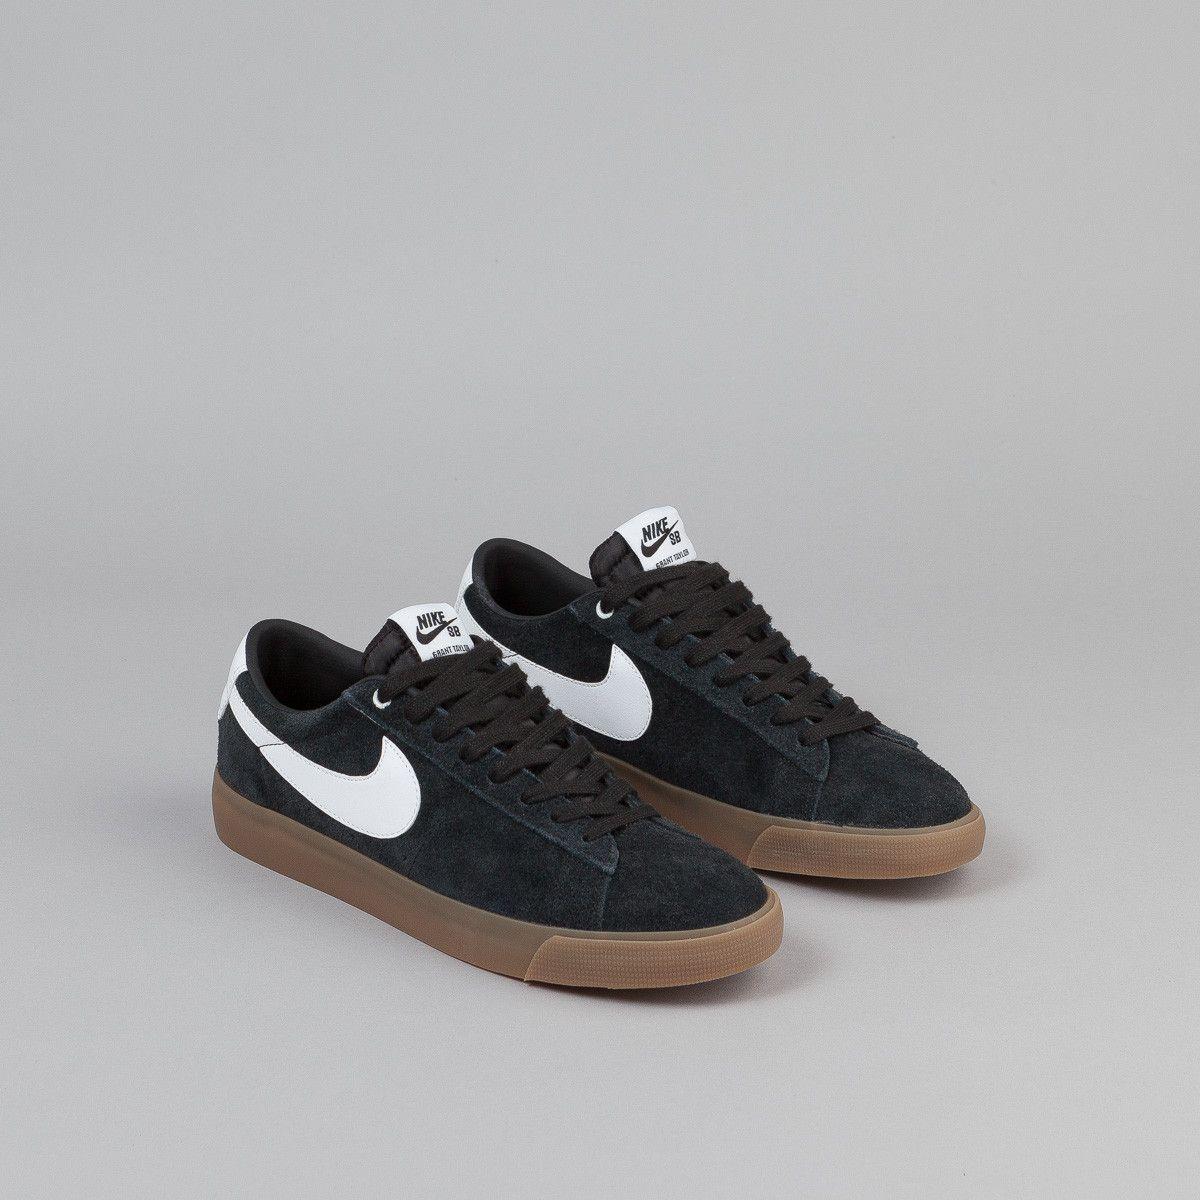 premium selection 77228 a1e68 Nike SB Blazer Low GT Shoes - Black   White - Metallic Gold